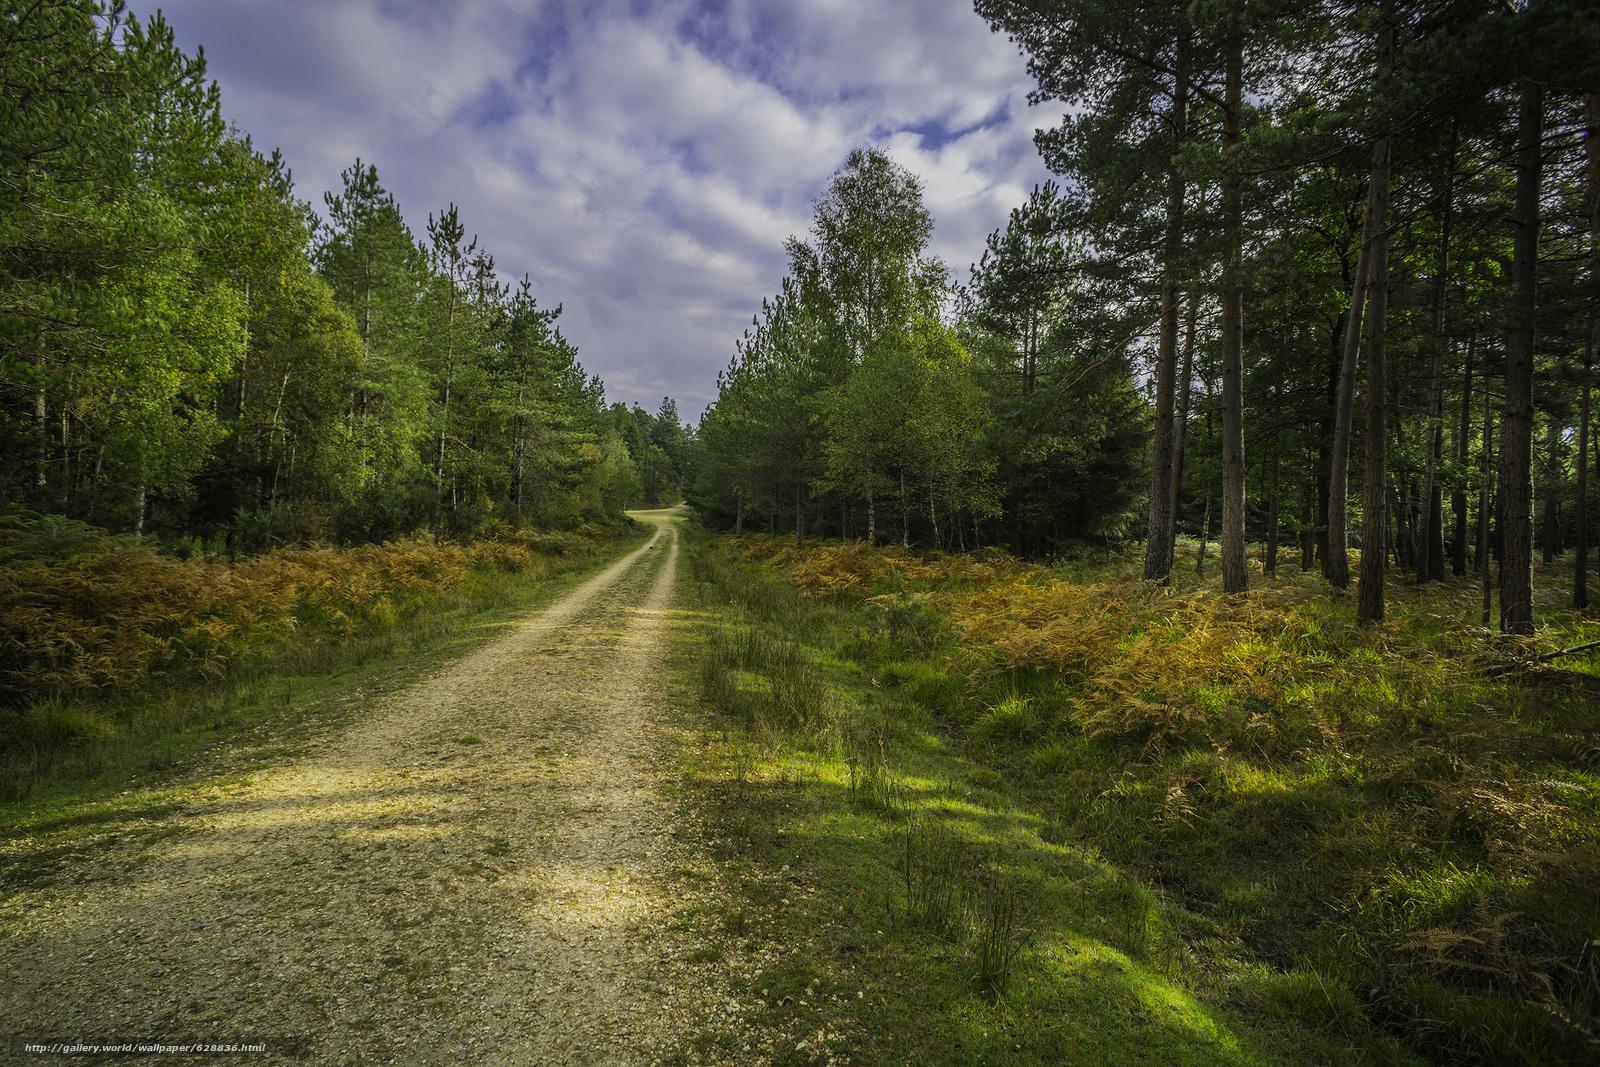 estrada, ?rvores, floresta, paisagem, outono